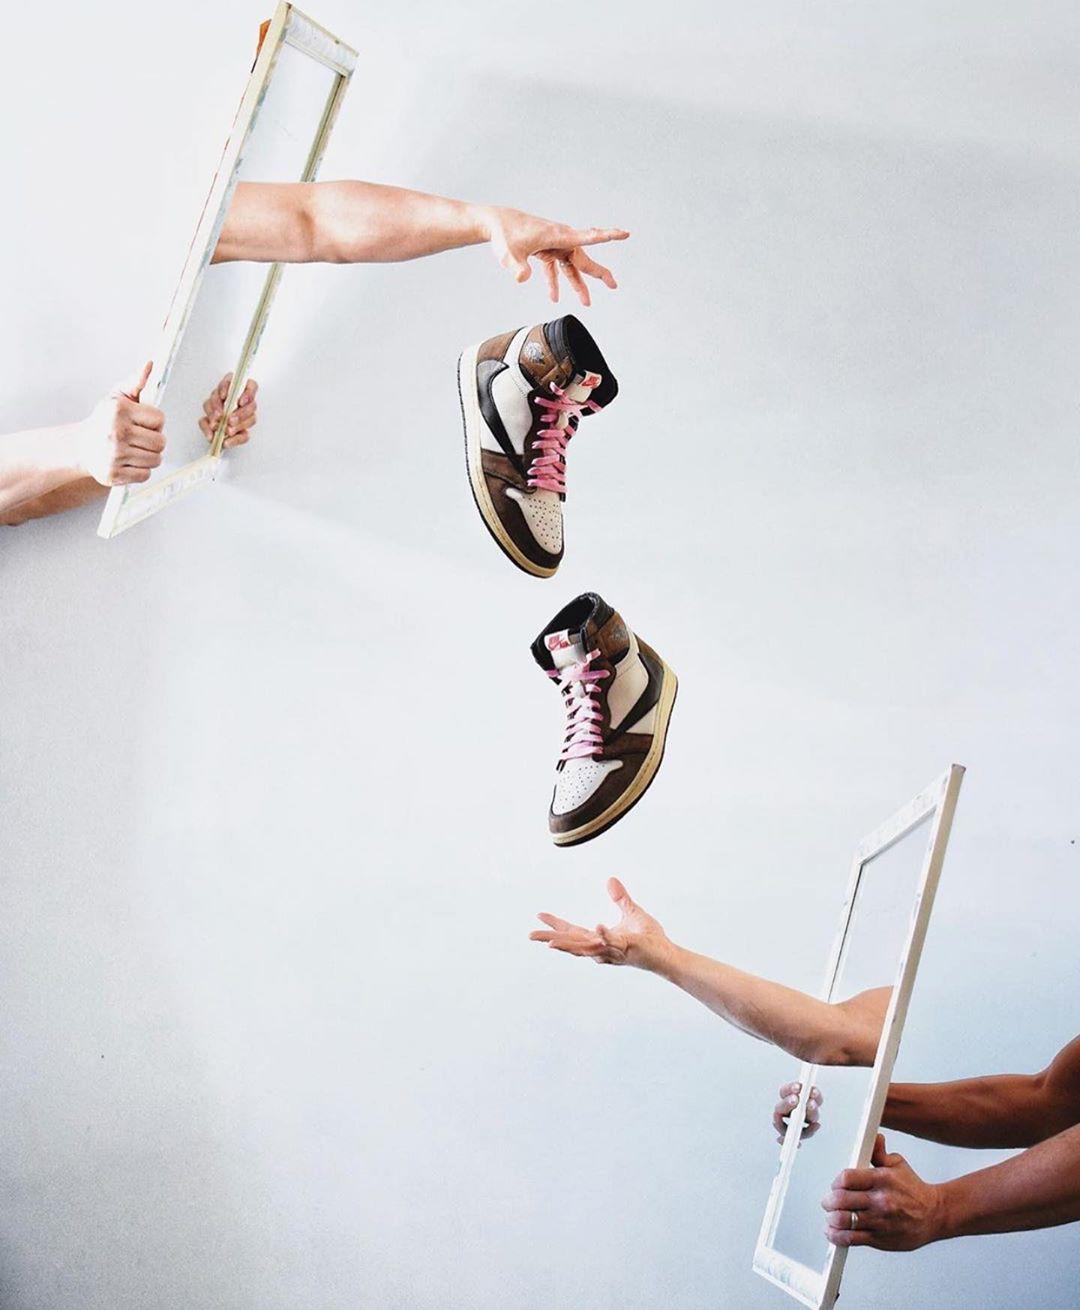 明天,双新,鞋,发售,记得,抢,一周,球鞋,美图,  明天 6 双新鞋发售,记得抢!一周球鞋美图 5/22